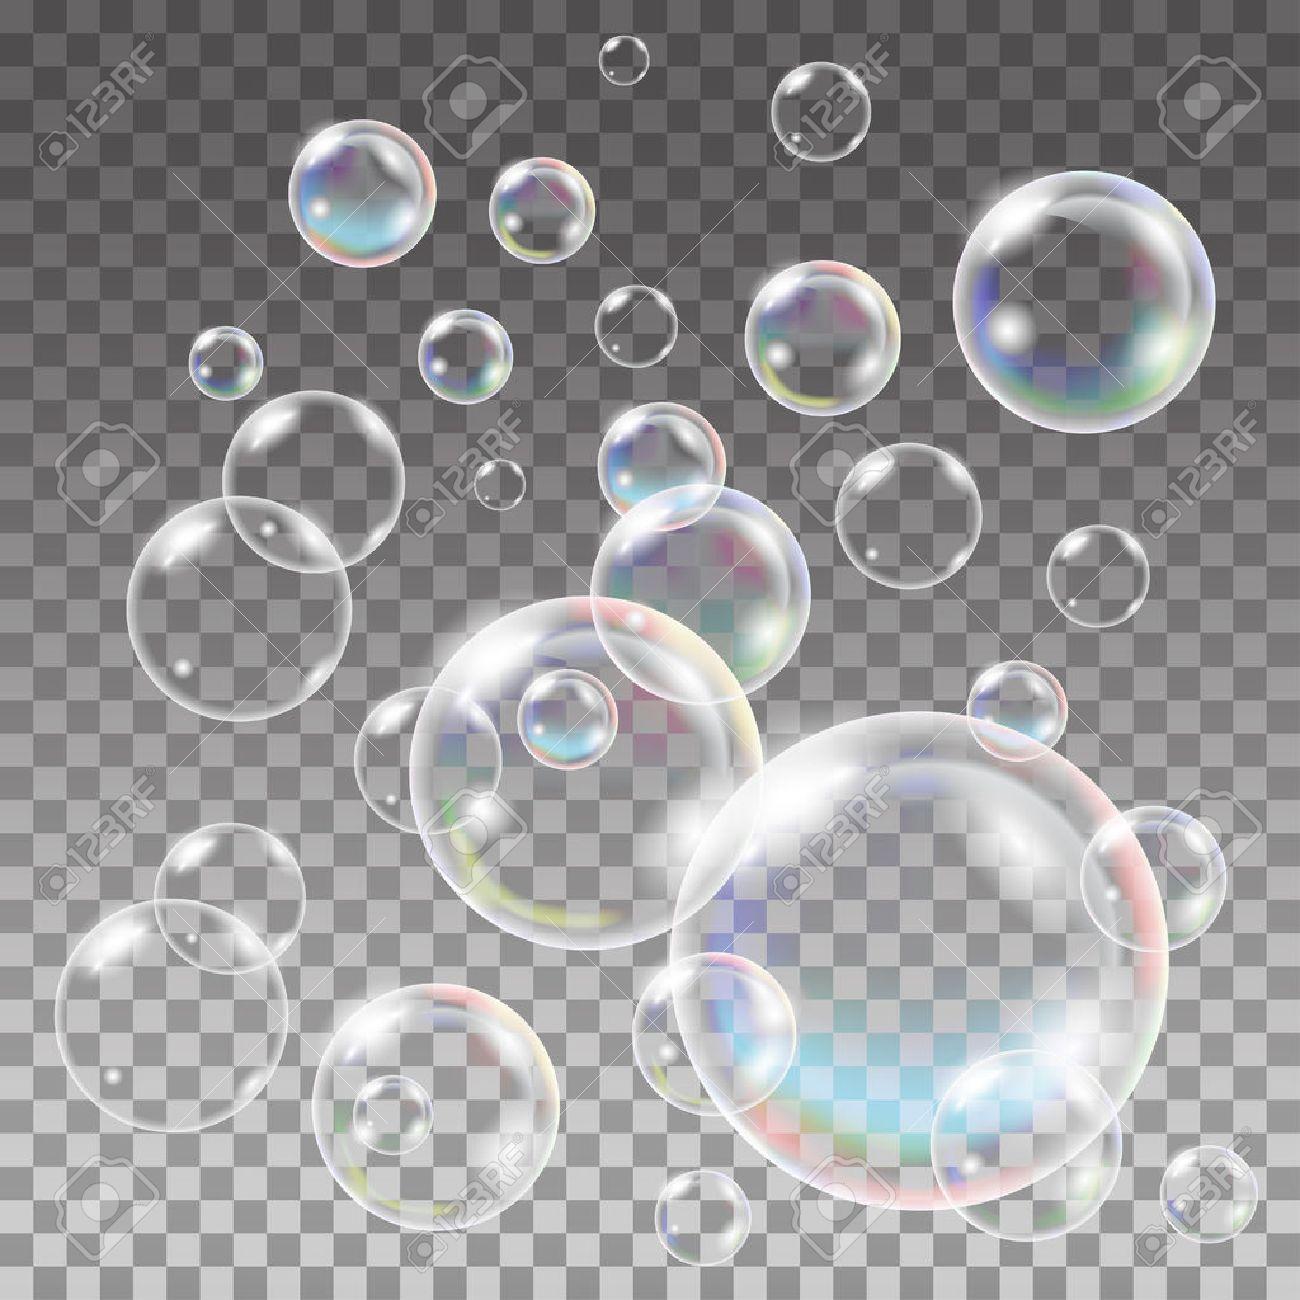 b226a1adf Foto de archivo - Jabón multicolor transparente Conjunto de las burbujas.  esfera de la bola, azul agua y espuma, gel de aqua. Agua modelo de las  burbujas en ...